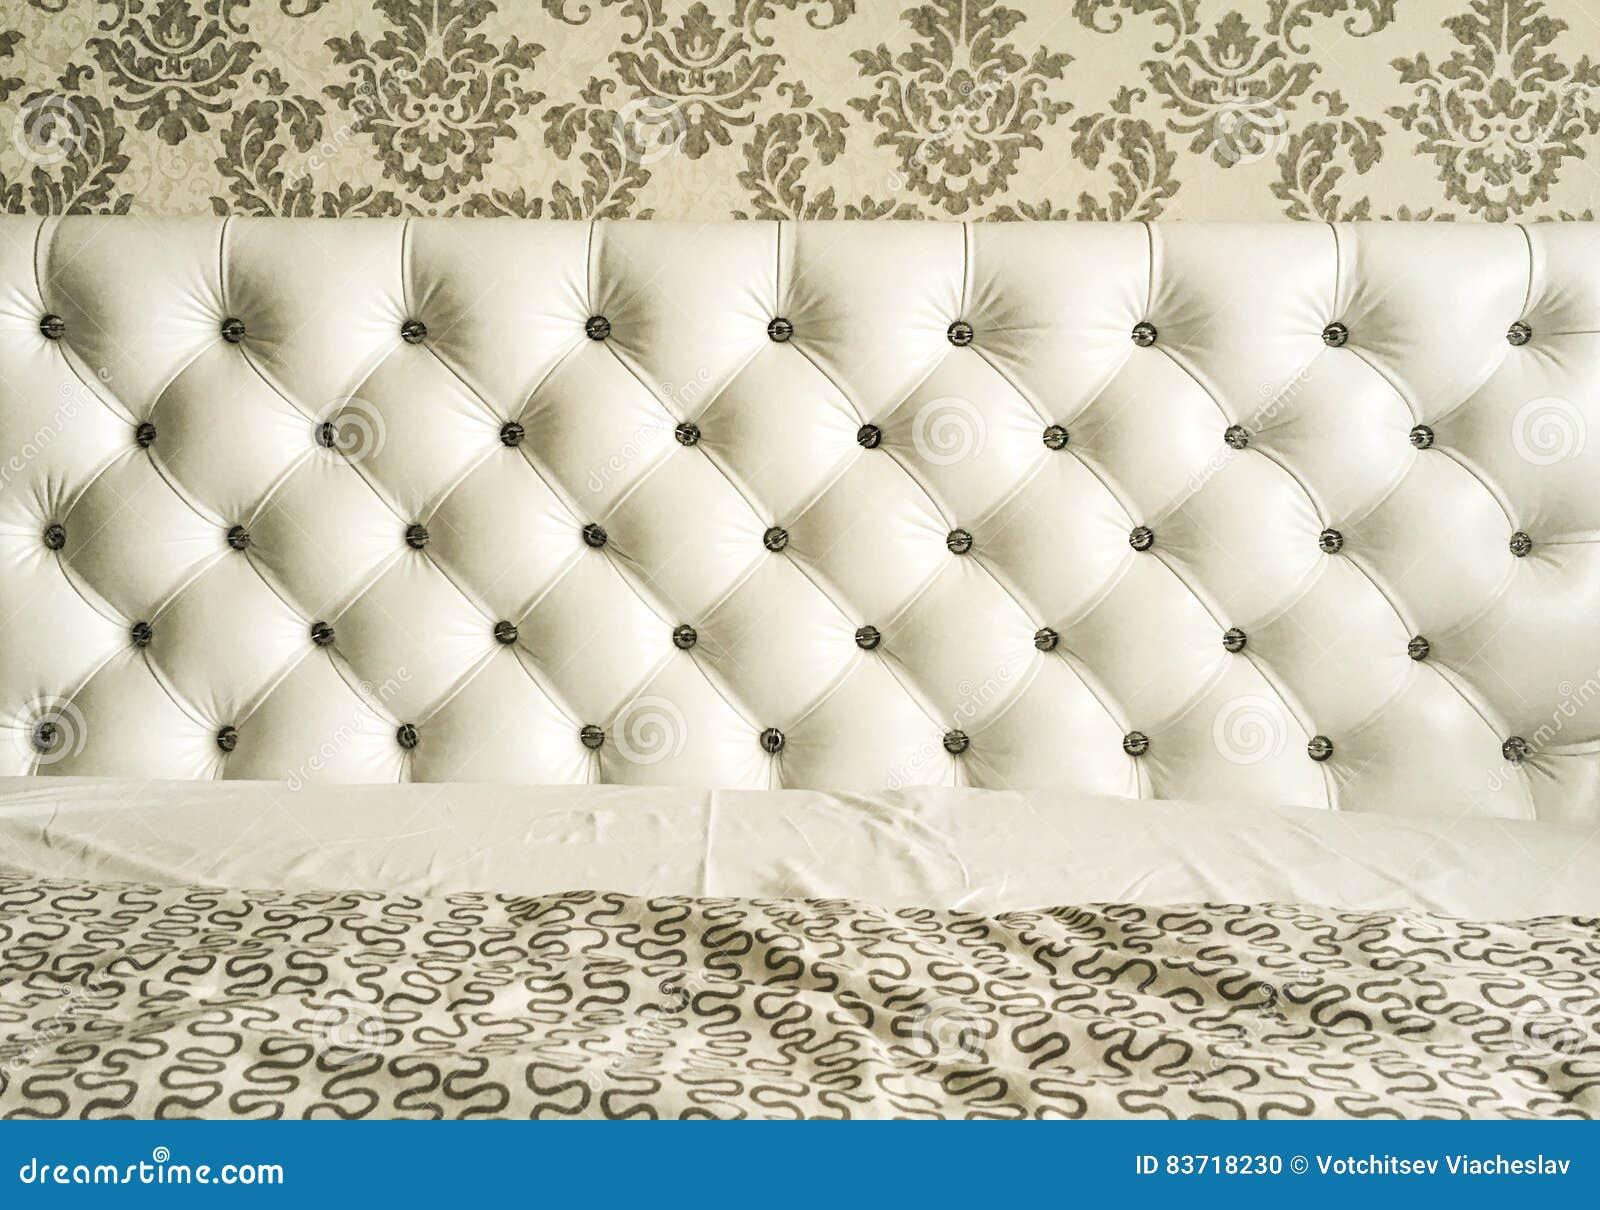 Download Romantisches Schlafzimmer Innenarchitektur Stockfoto   Bild Von  Dekor, Decke: 83718230